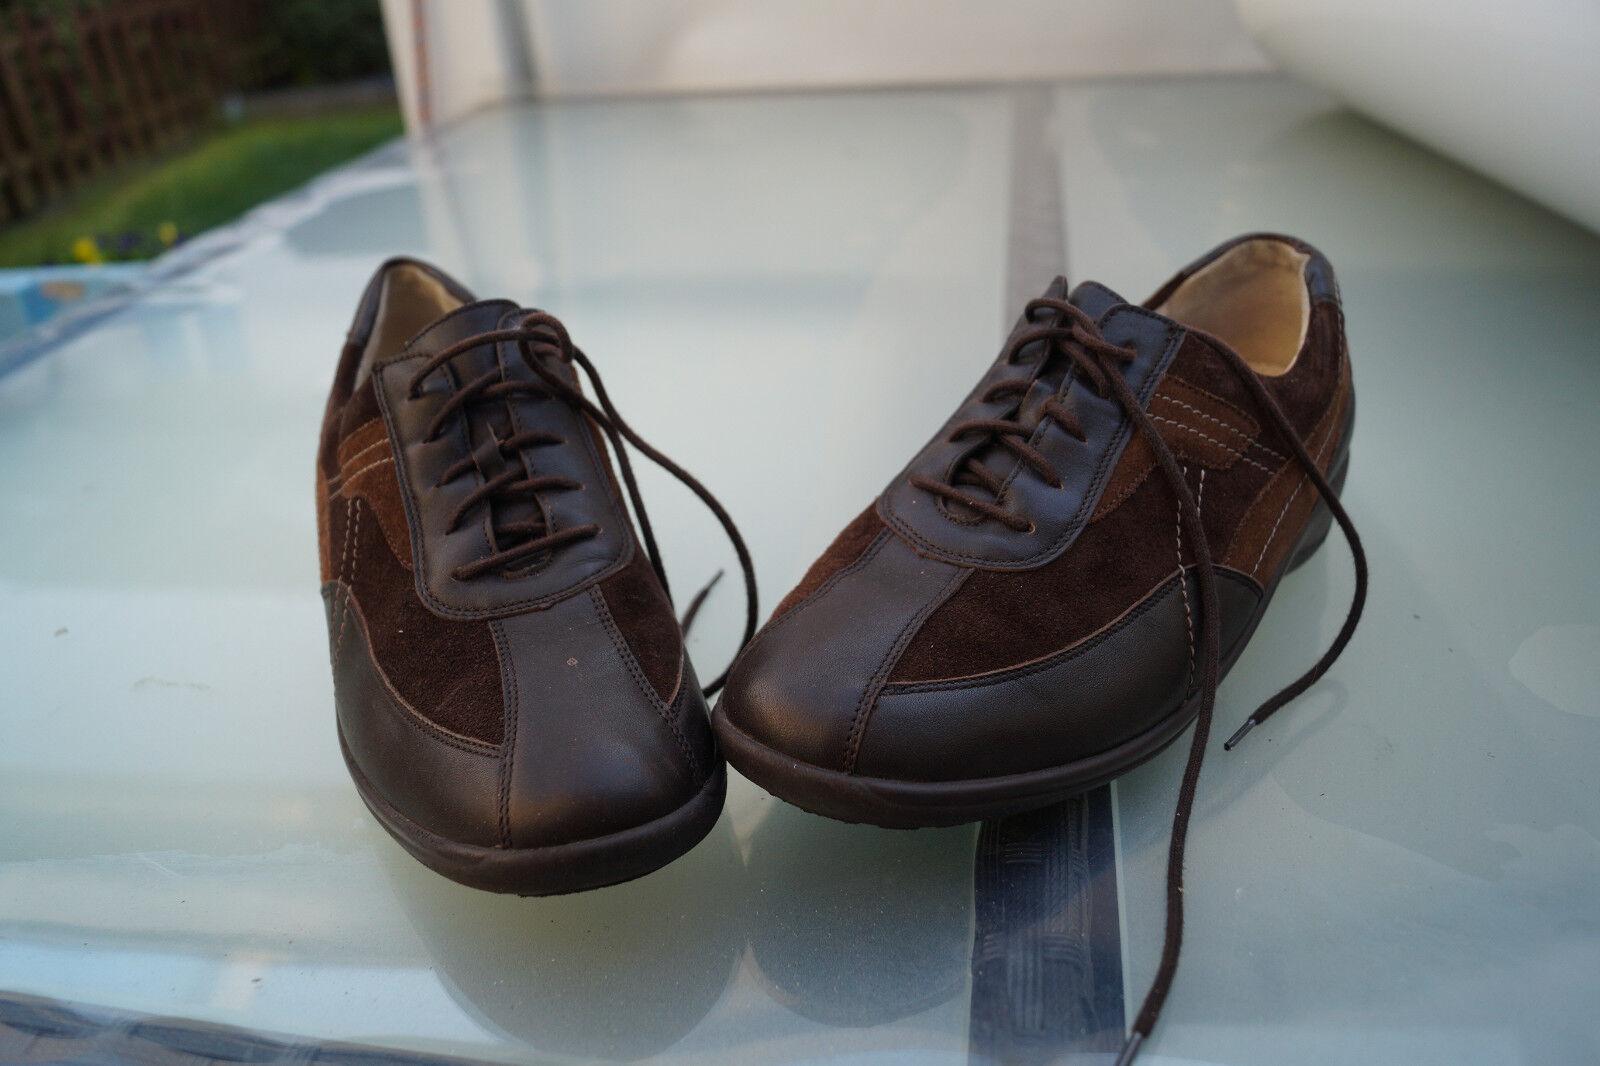 WALDLÄUFER Damen Comfort Gr.5 Schuhe Sneaker Leder mit Einlagen braun Gr.5 Comfort H 38 TOP 071fc7